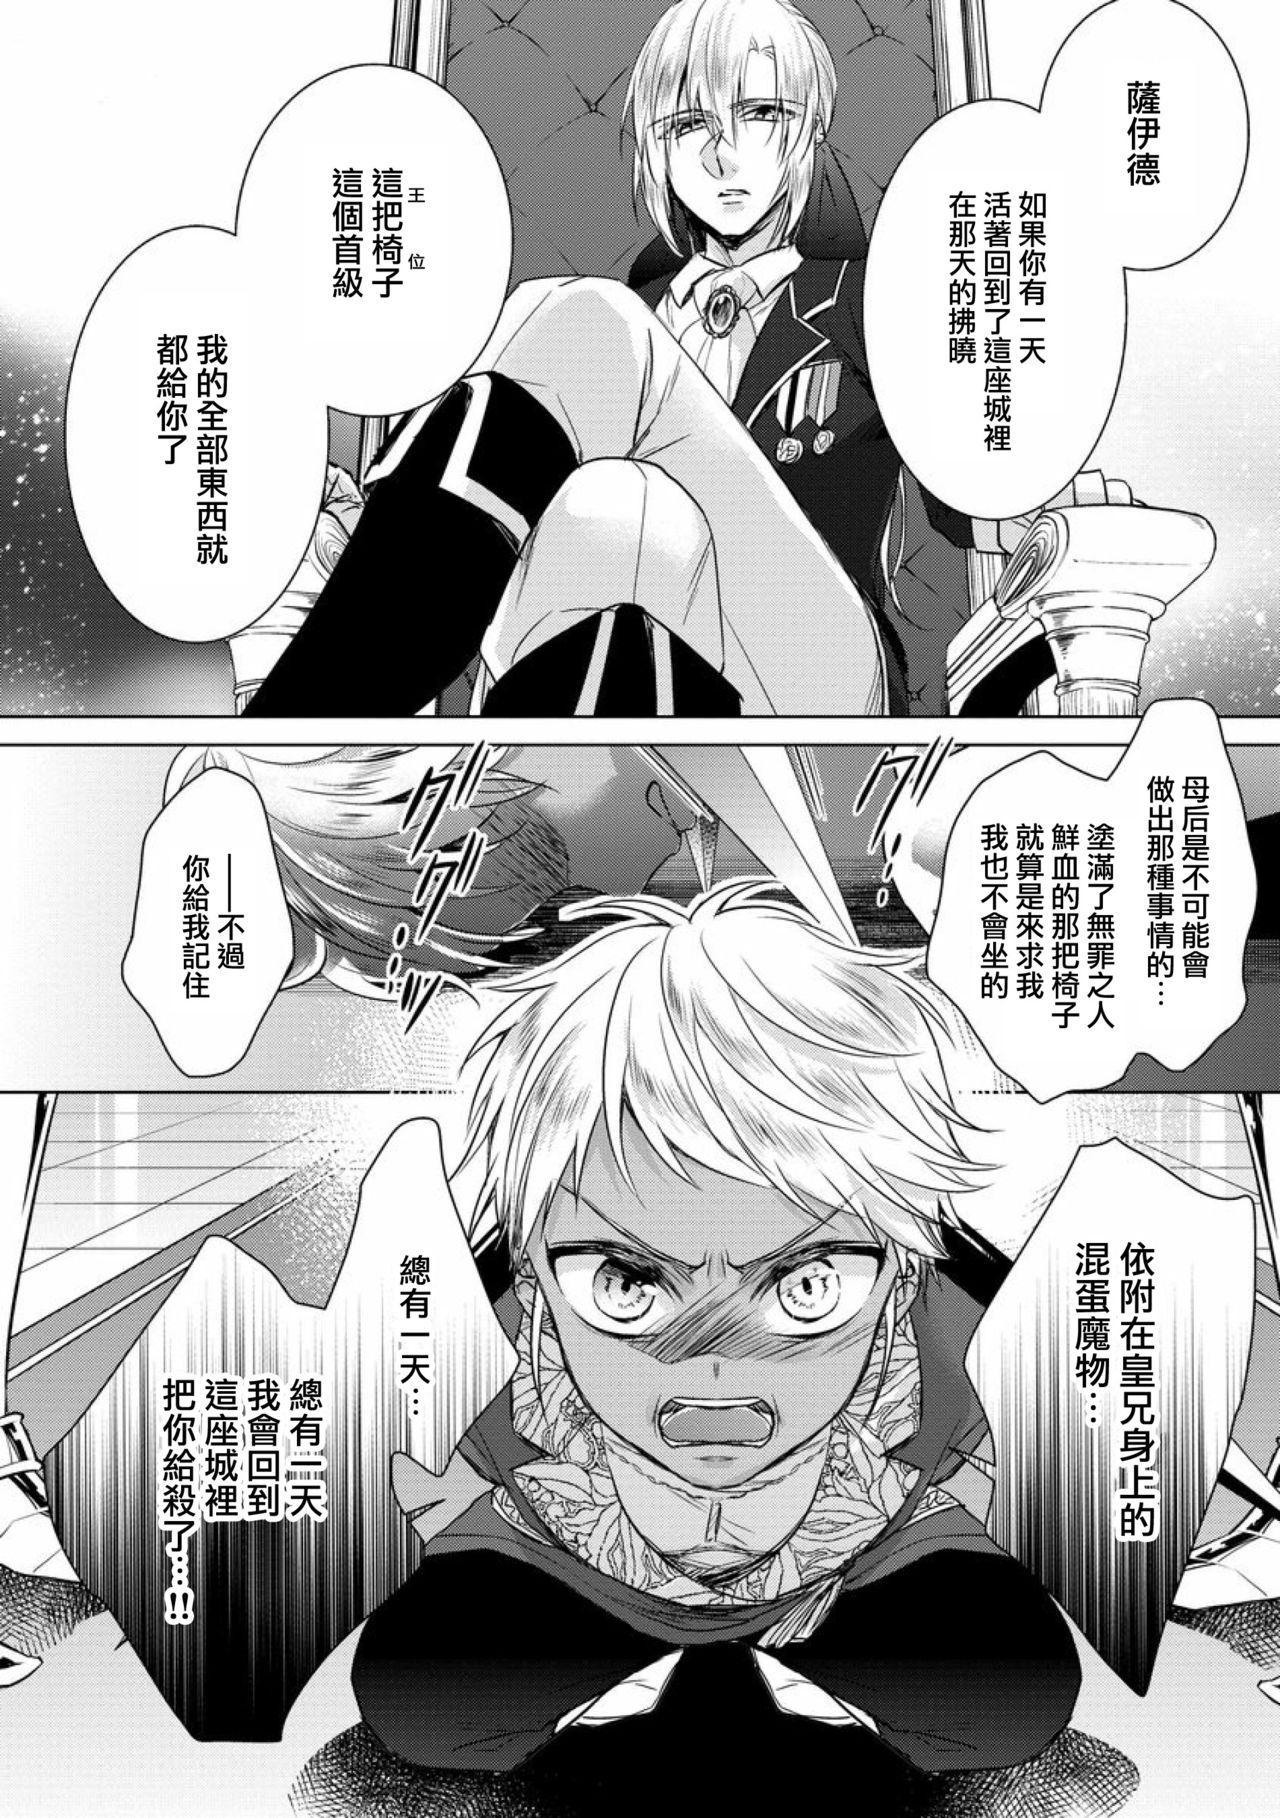 [Saotome Mokono] Kyououji no Ibitsu na Shuuai ~Nyotaika Knight no Totsukitooka~ Ch. 12 [Chinese] [瑞树汉化组] [Digital] 27